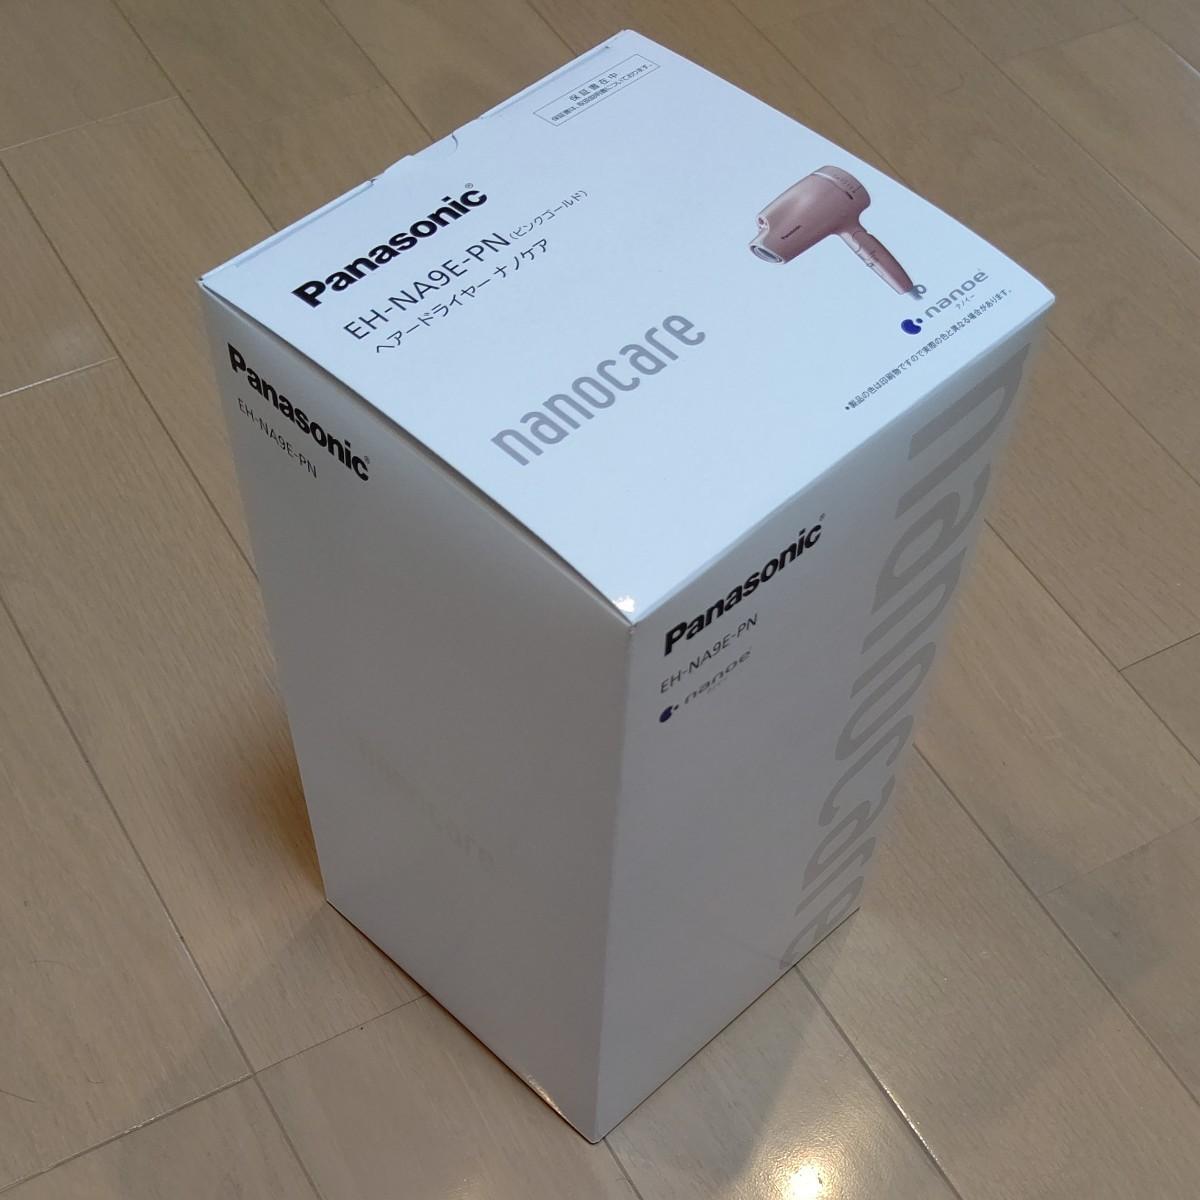 【新品未開封・保証書付】 Panasonic ヘアドライヤー ナノケア EH-NA9E-PN nanocare(ピンクゴールド)